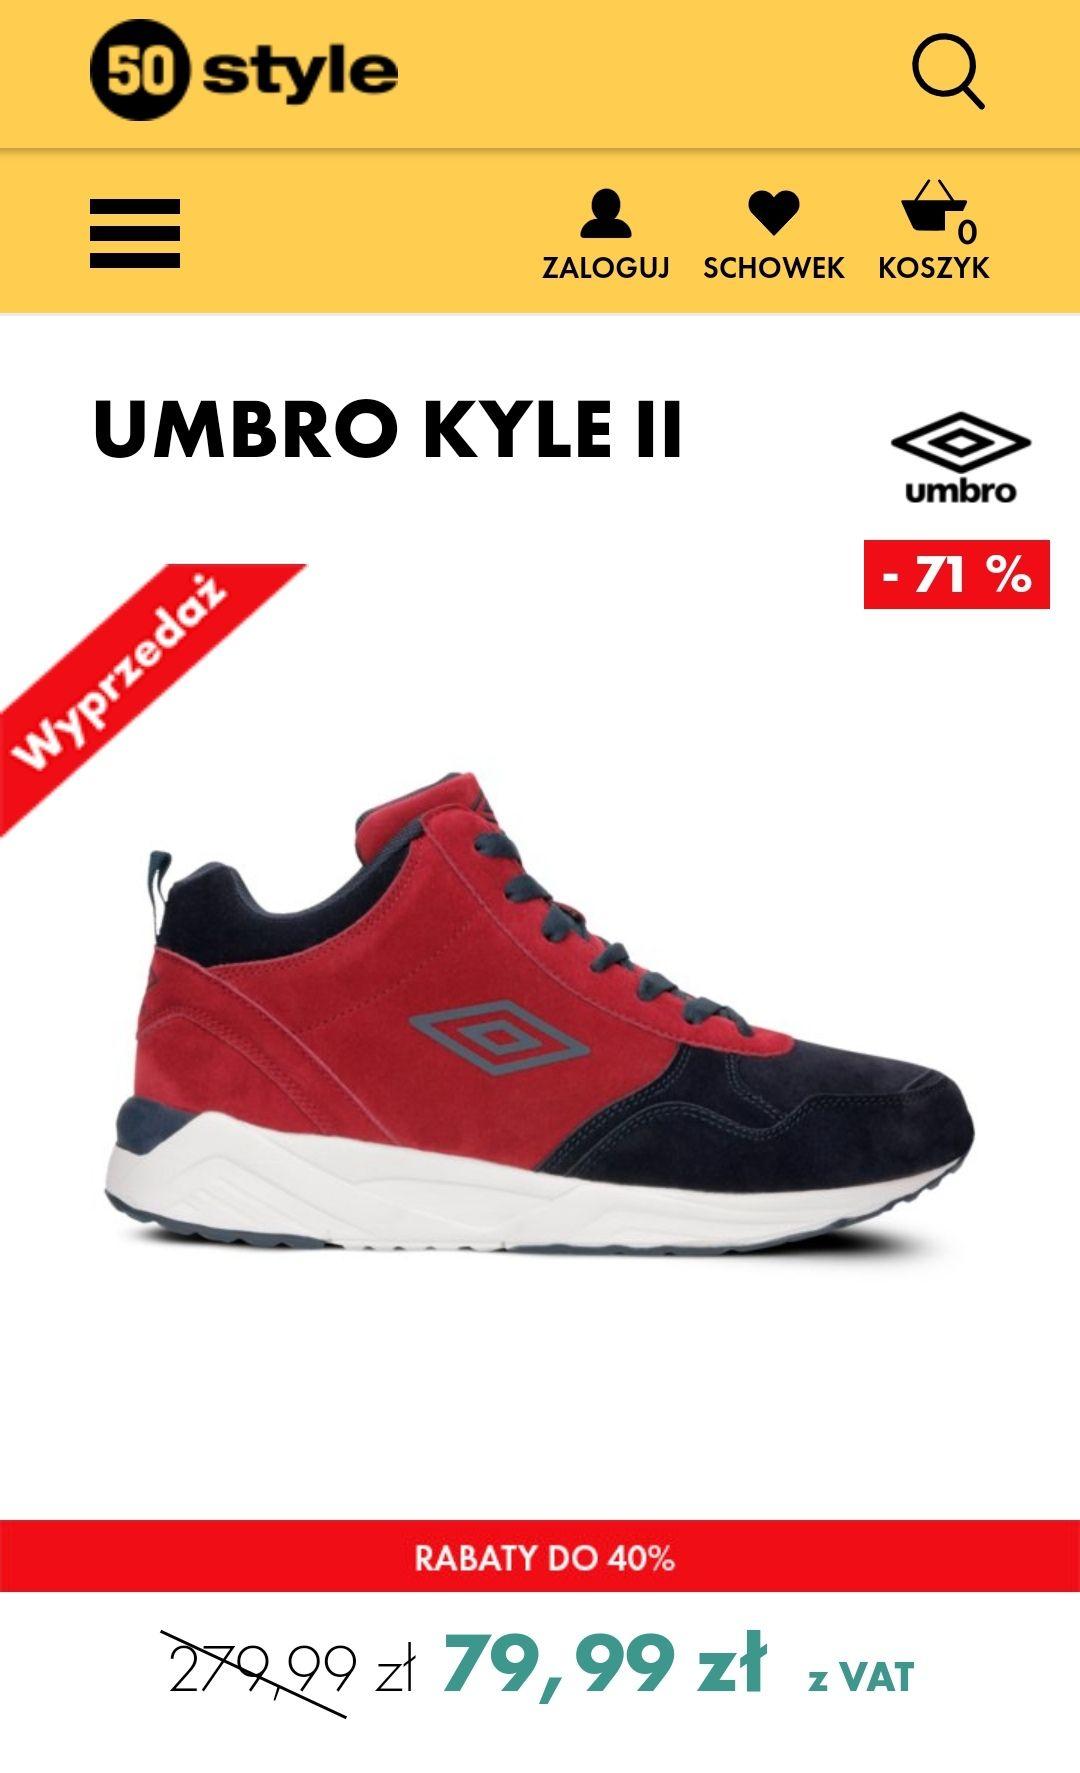 Buty UMBRO kyle (3 kolory) @ 50style